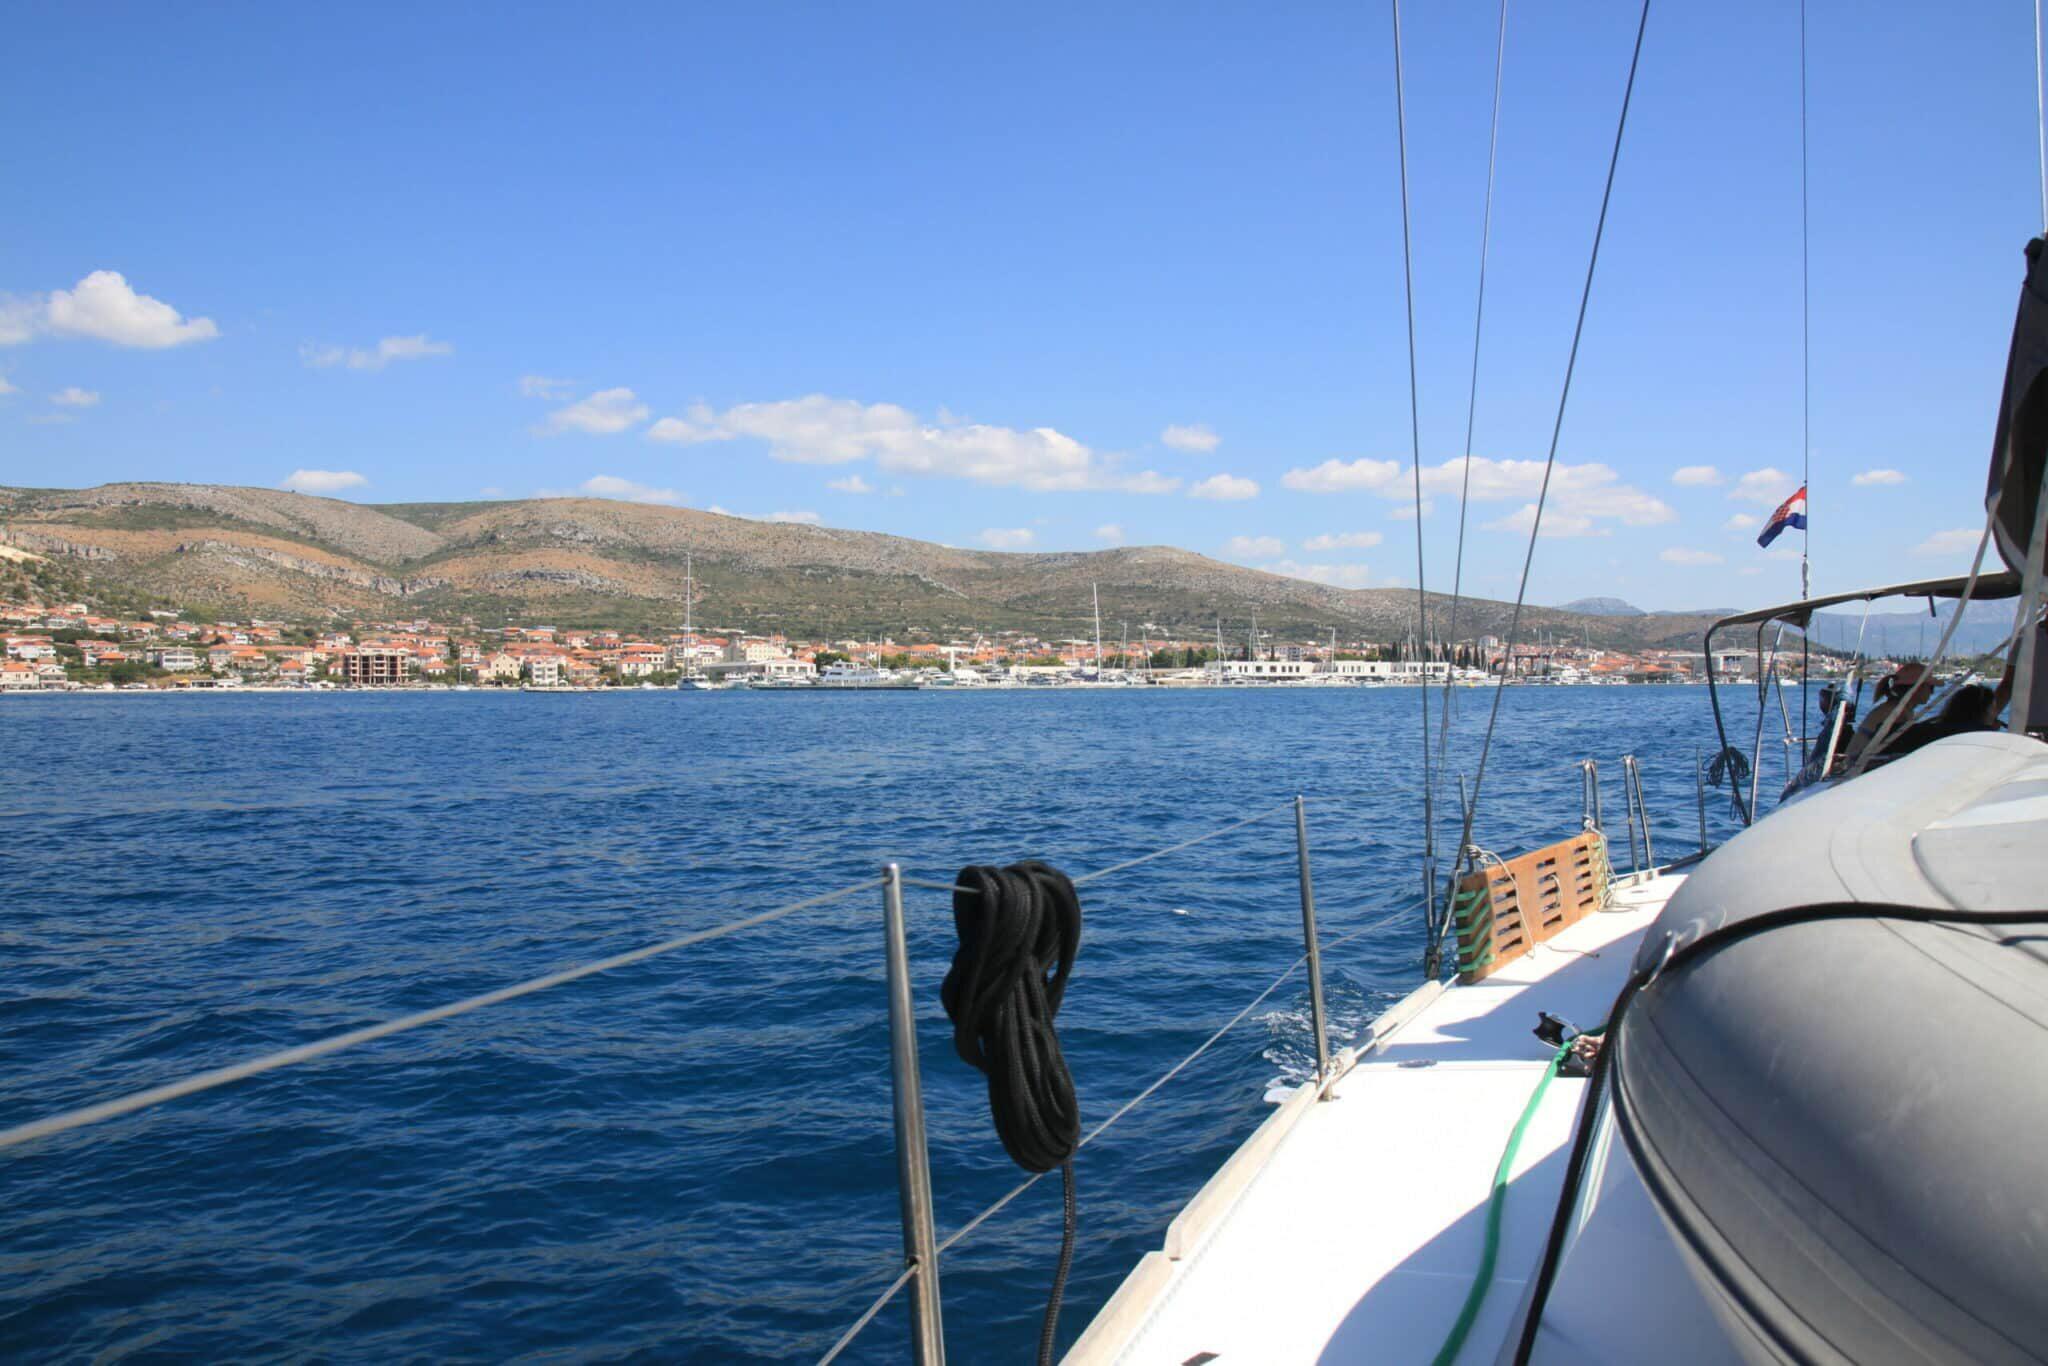 Wir stechen in die kroatische See